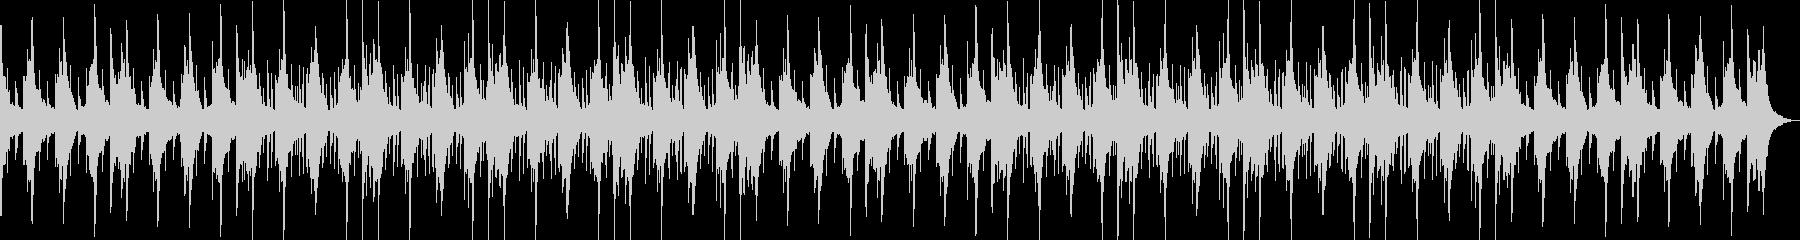 哀愁感・切ない・ローファイ・ヒップホップの未再生の波形